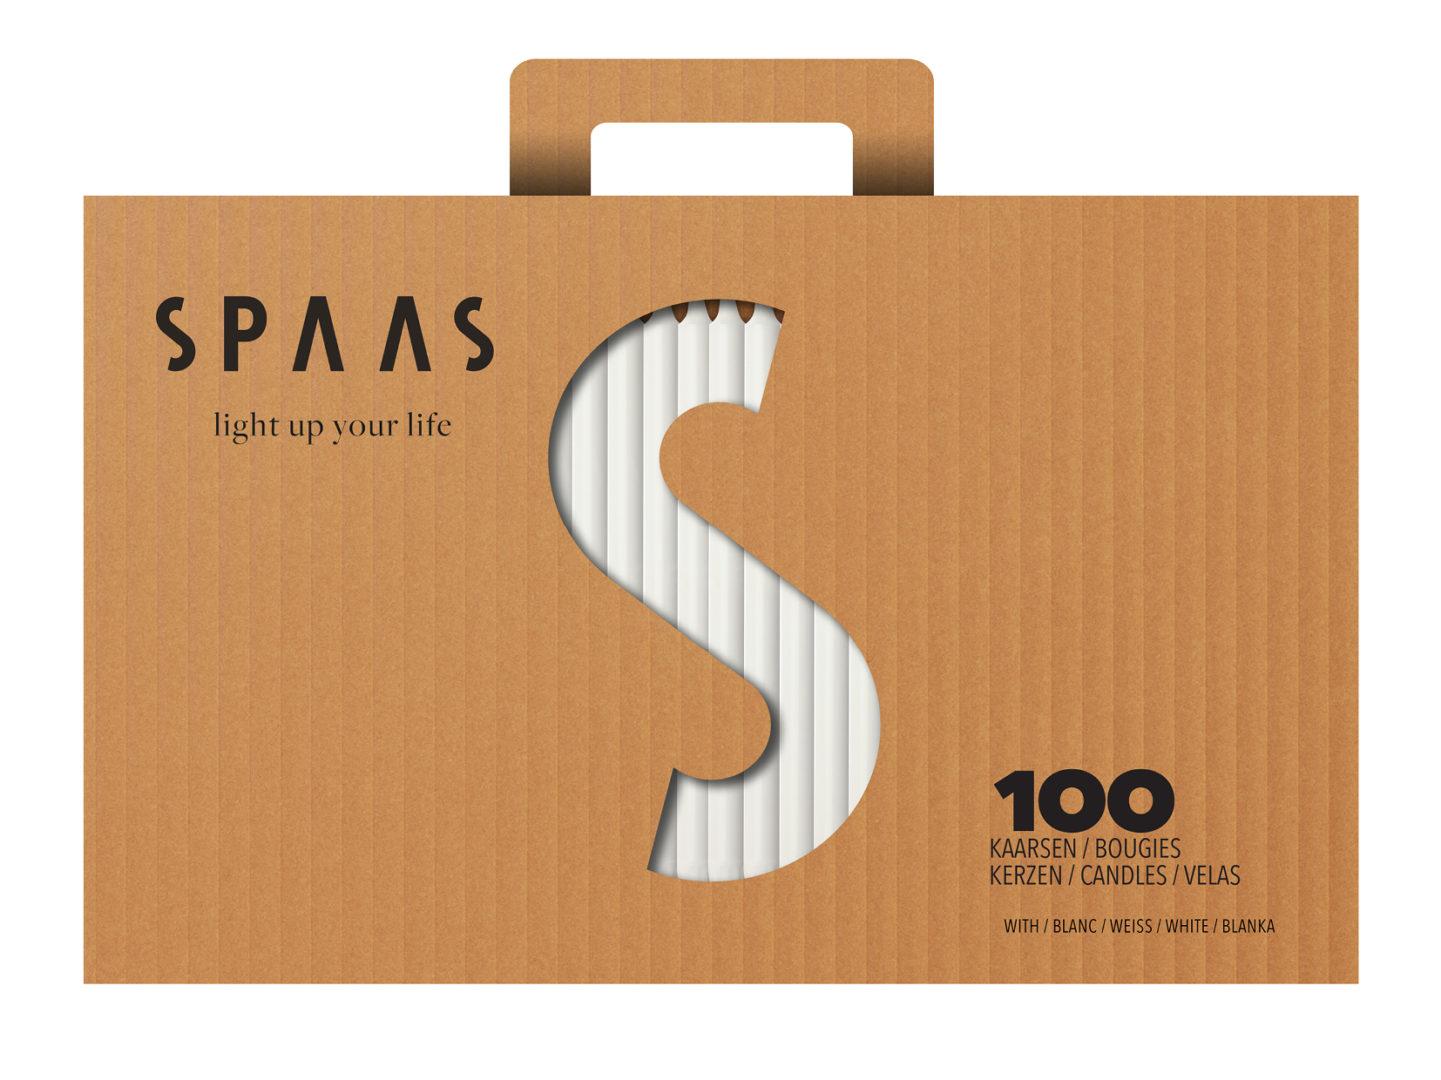 Spaas packaging